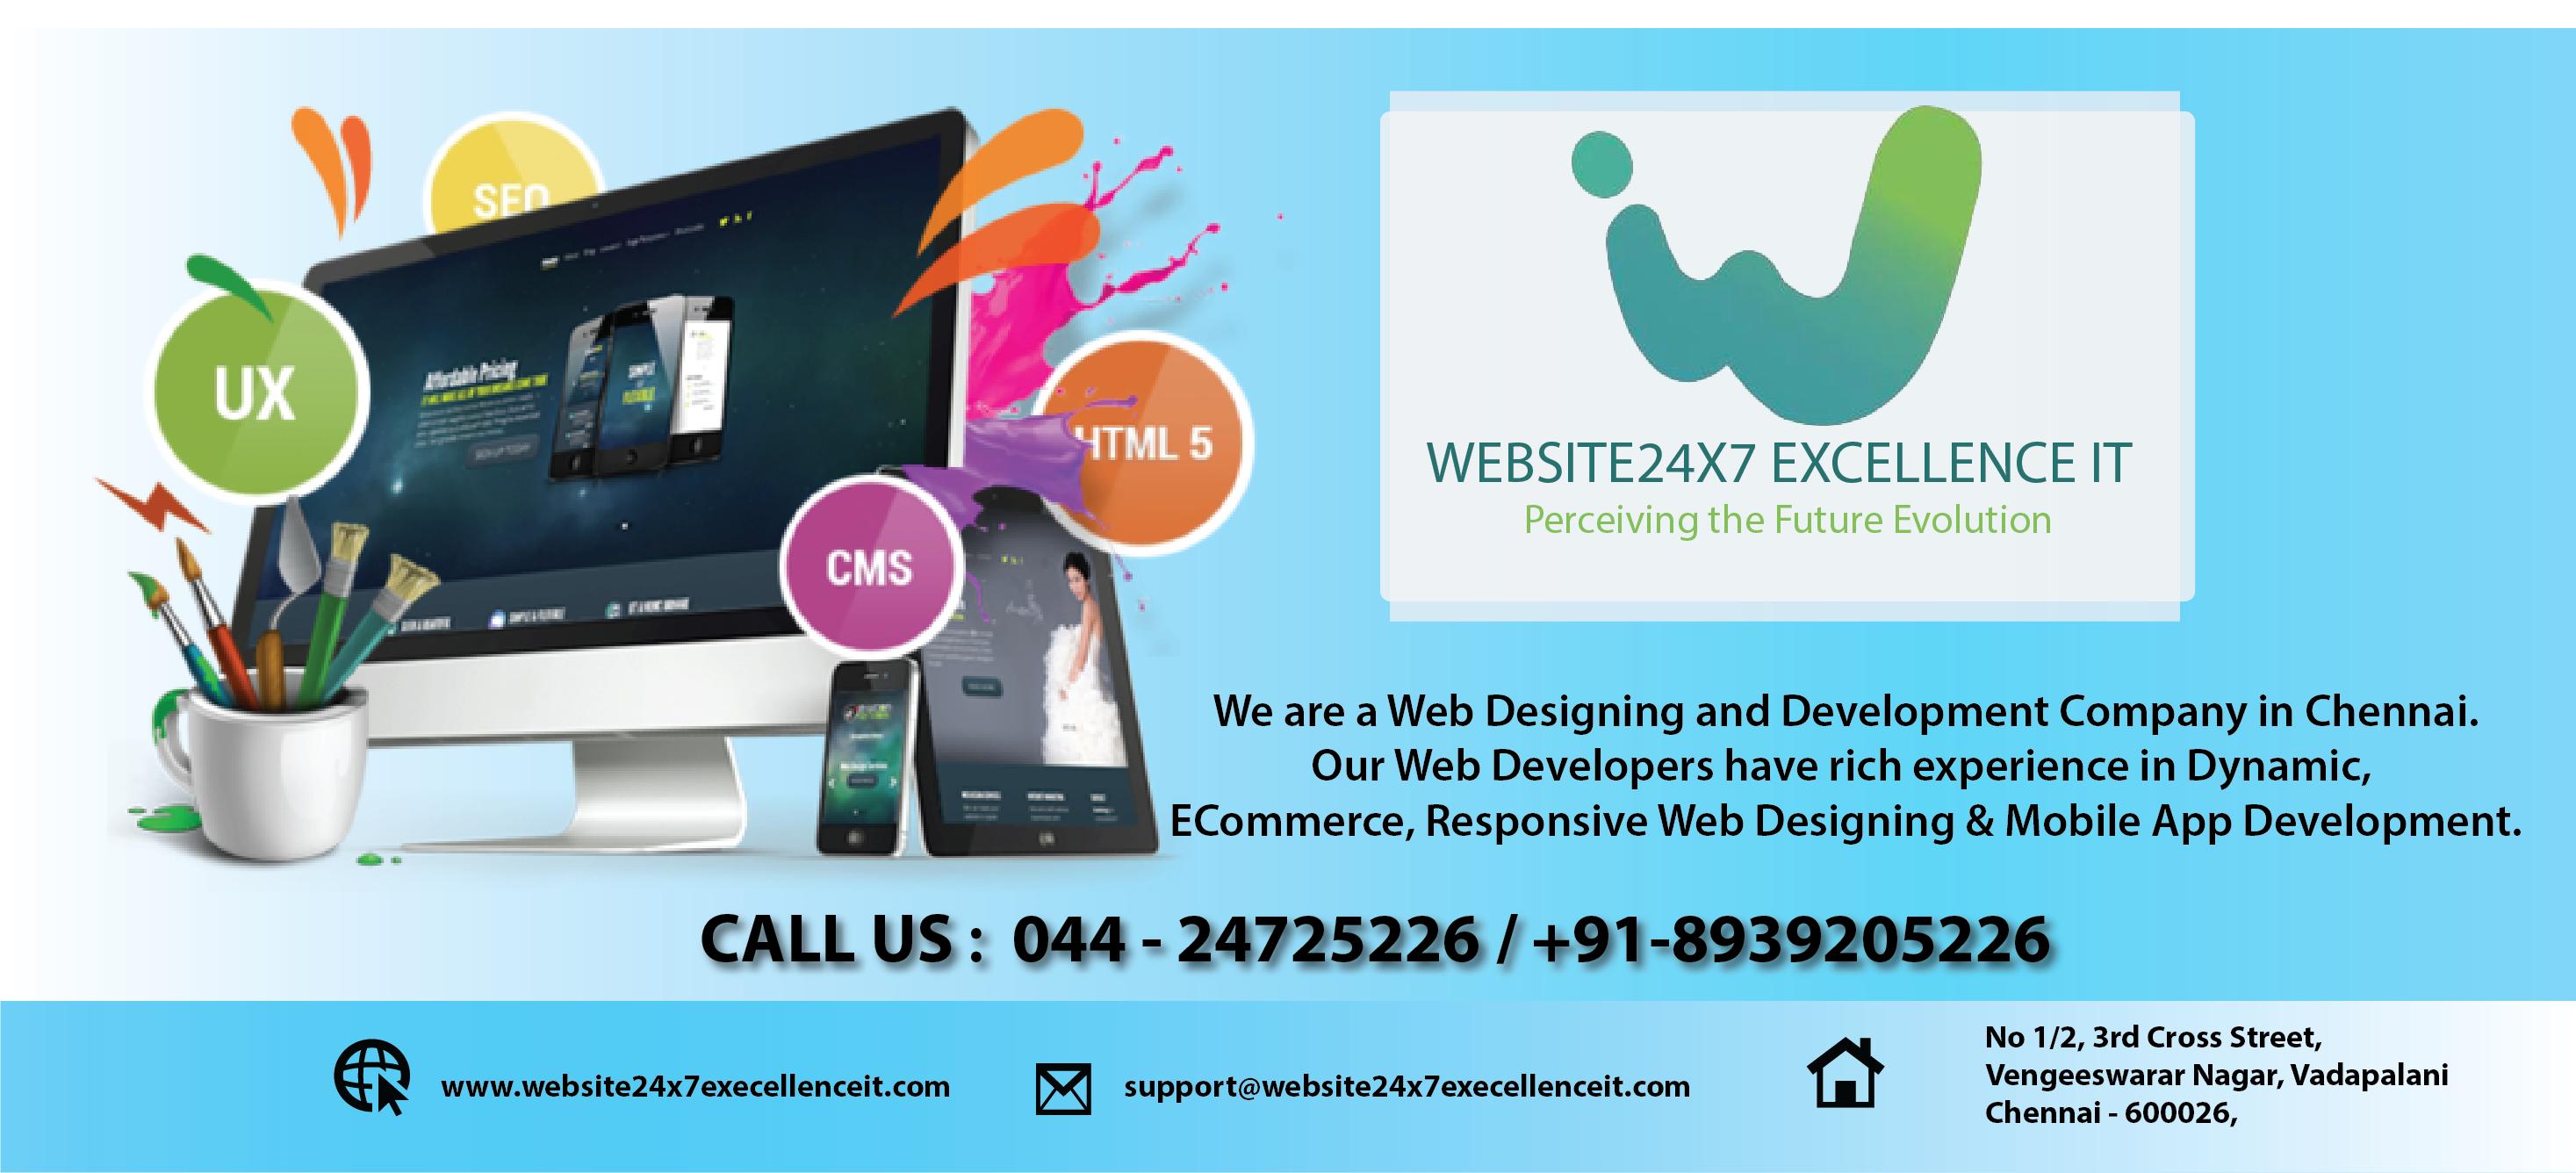 Best Webdesign Company In Chennai Web Design Company App Development Mobile Web Design